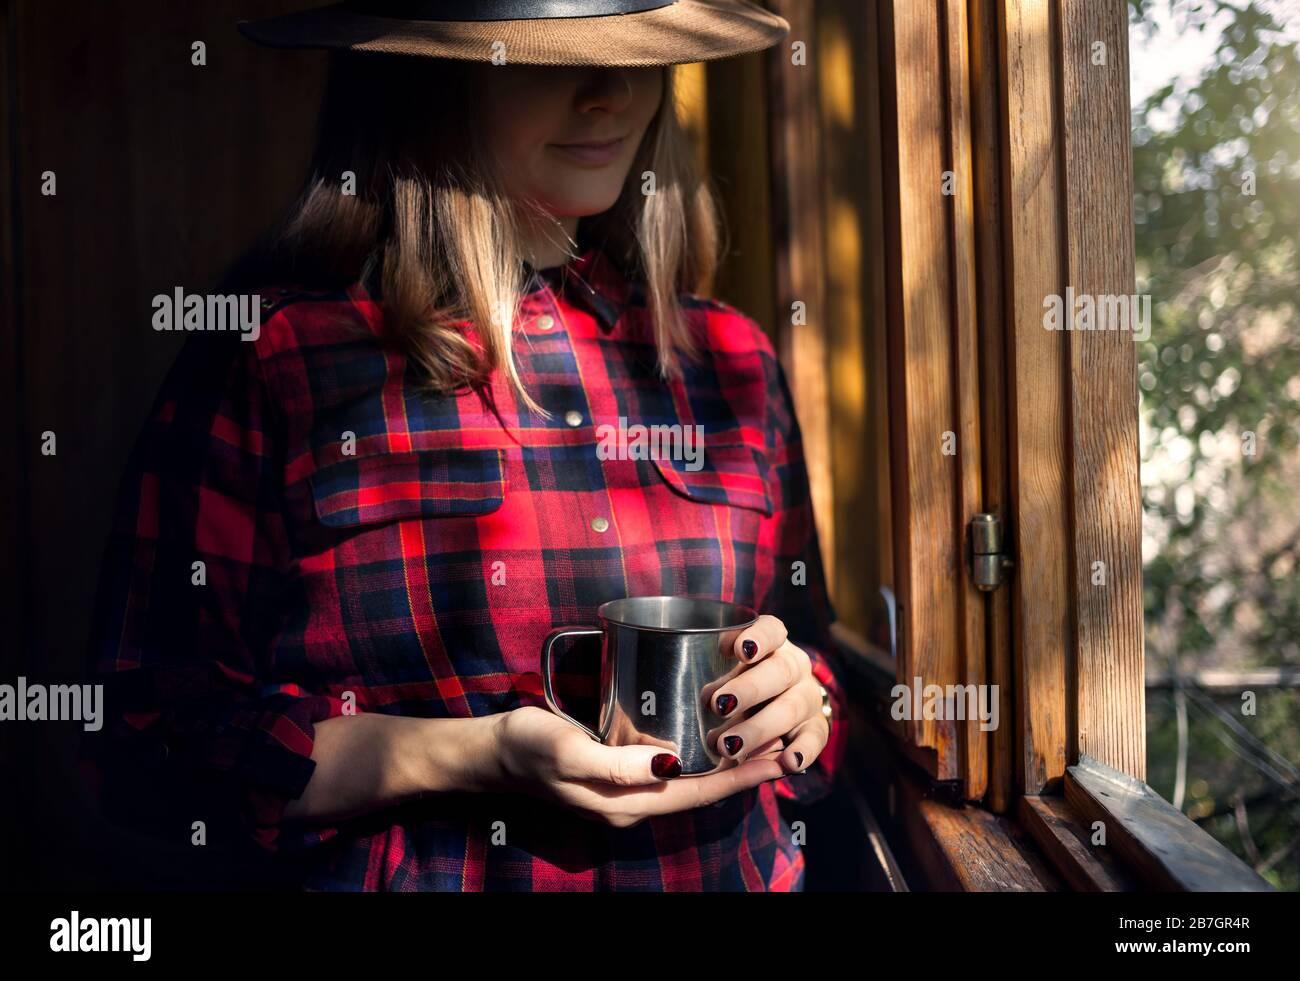 Femme en chemise à carreaux rouge holding tasse de thé avec de la vapeur dans le village house Banque D'Images